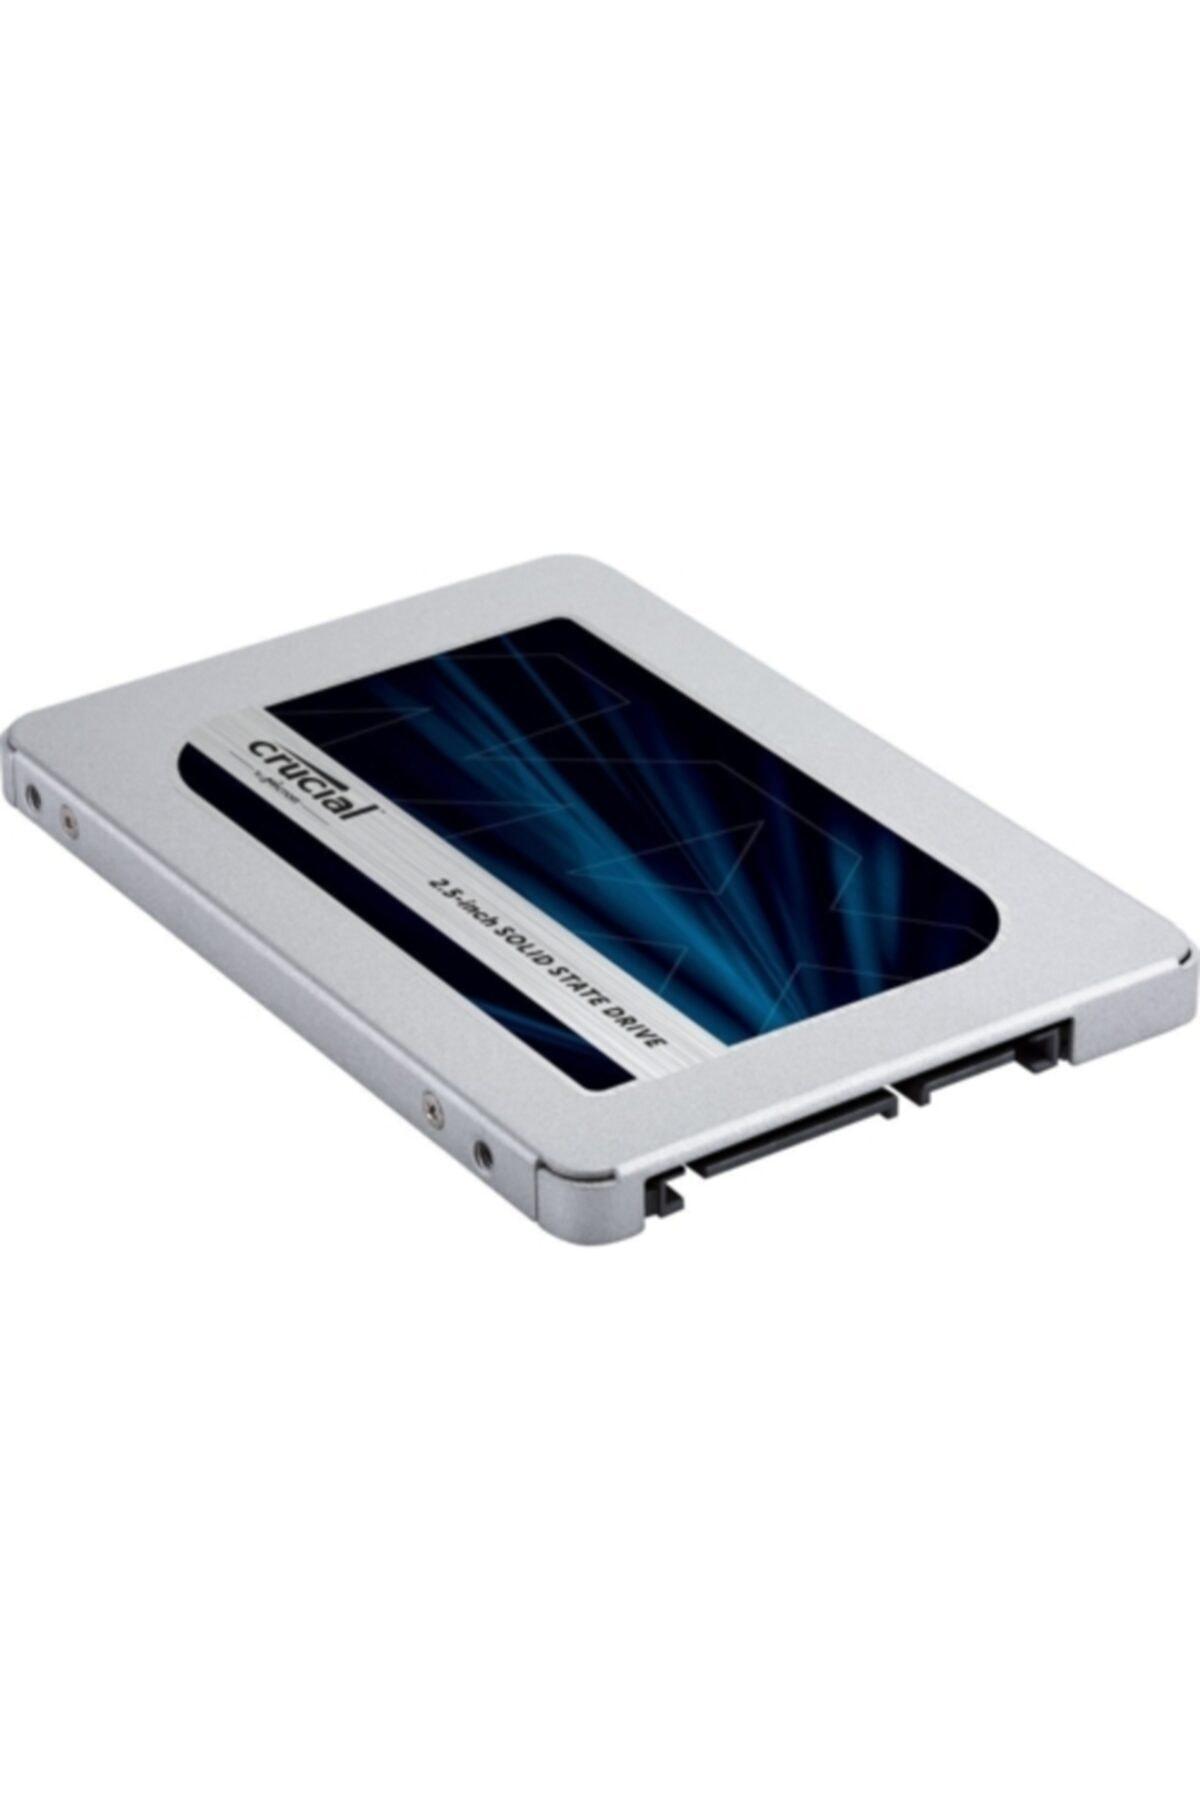 Mx500 1tb Ssd Disk Ct1000mx500ssd1